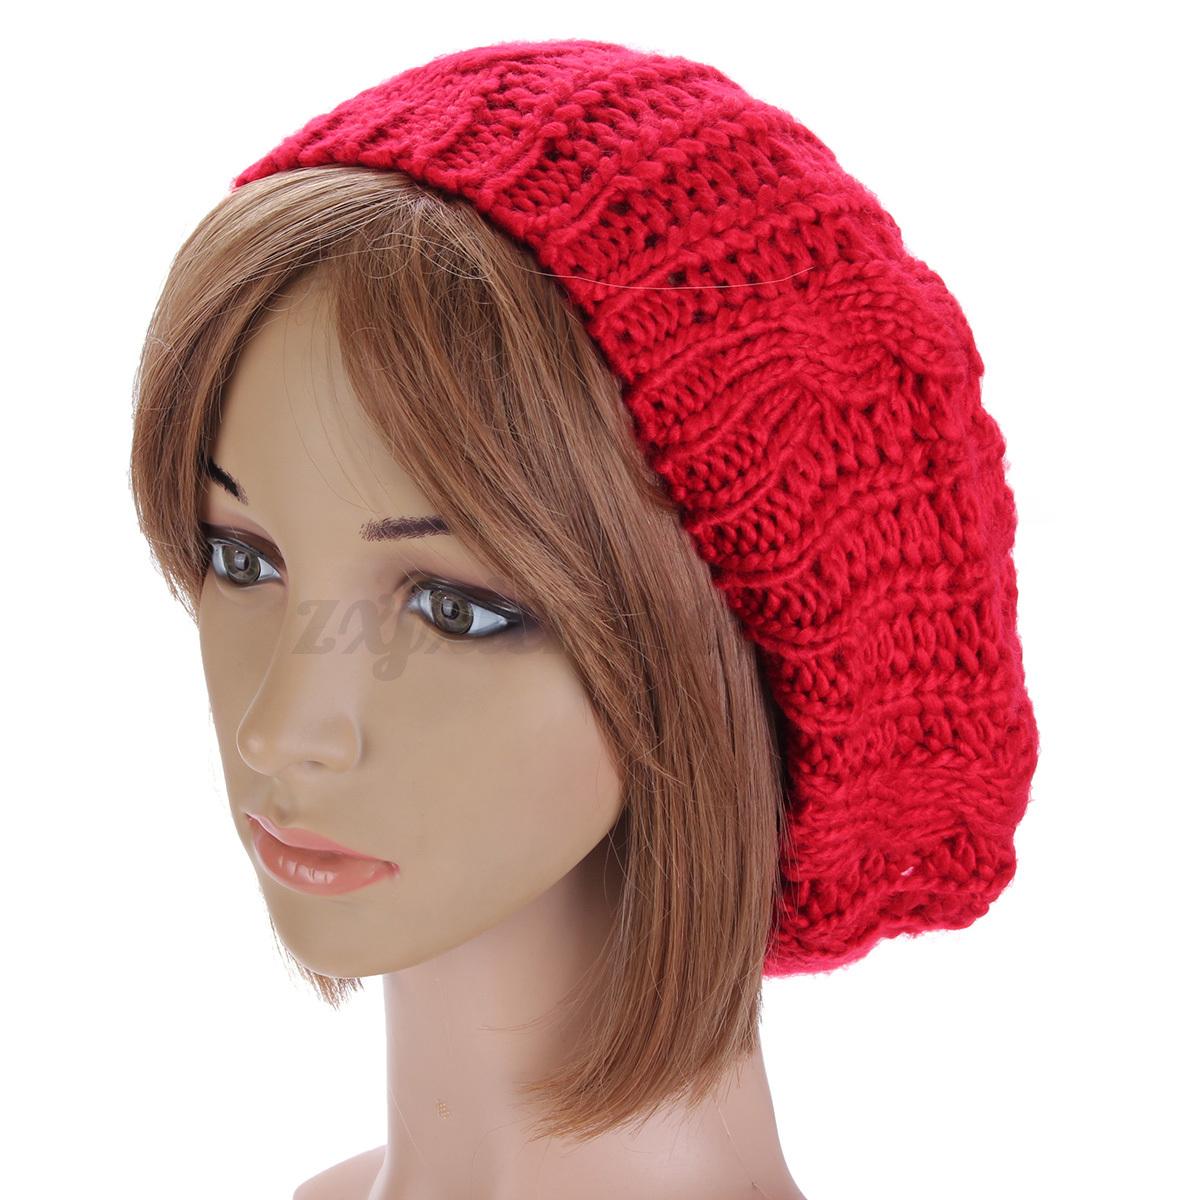 Home Women Men Warm Ski Knitted Crochet Baggy Beanie Hat Cap Beret Beige Intl Cheap Baggy